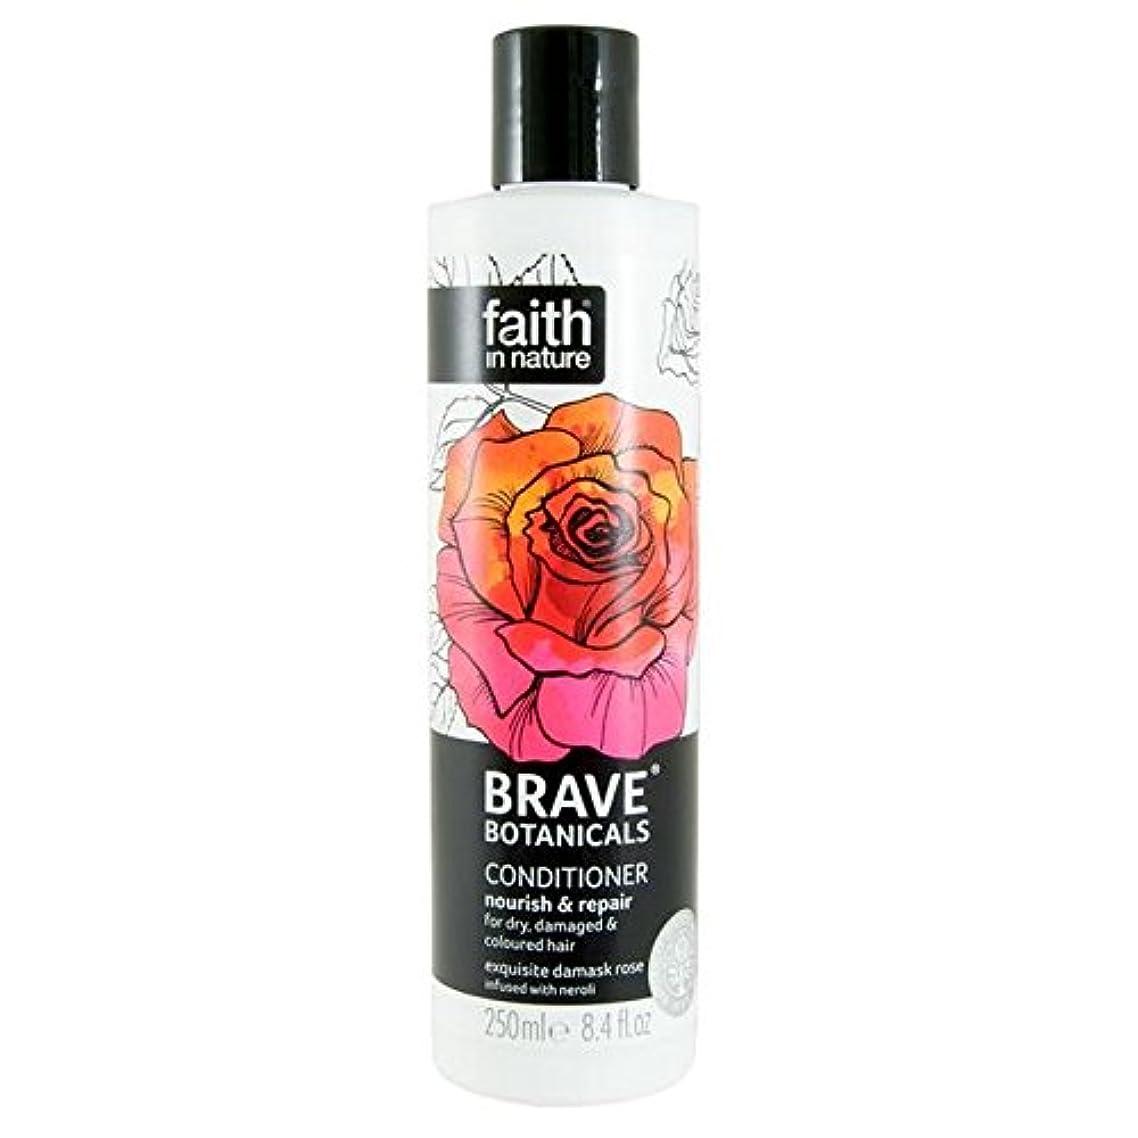 迷惑計り知れないラフレシアアルノルディBrave Botanicals Rose & Neroli Nourish & Repair Conditioner 250ml (Pack of 2) - (Faith In Nature) 勇敢な植物は、ローズ&ネロリ...